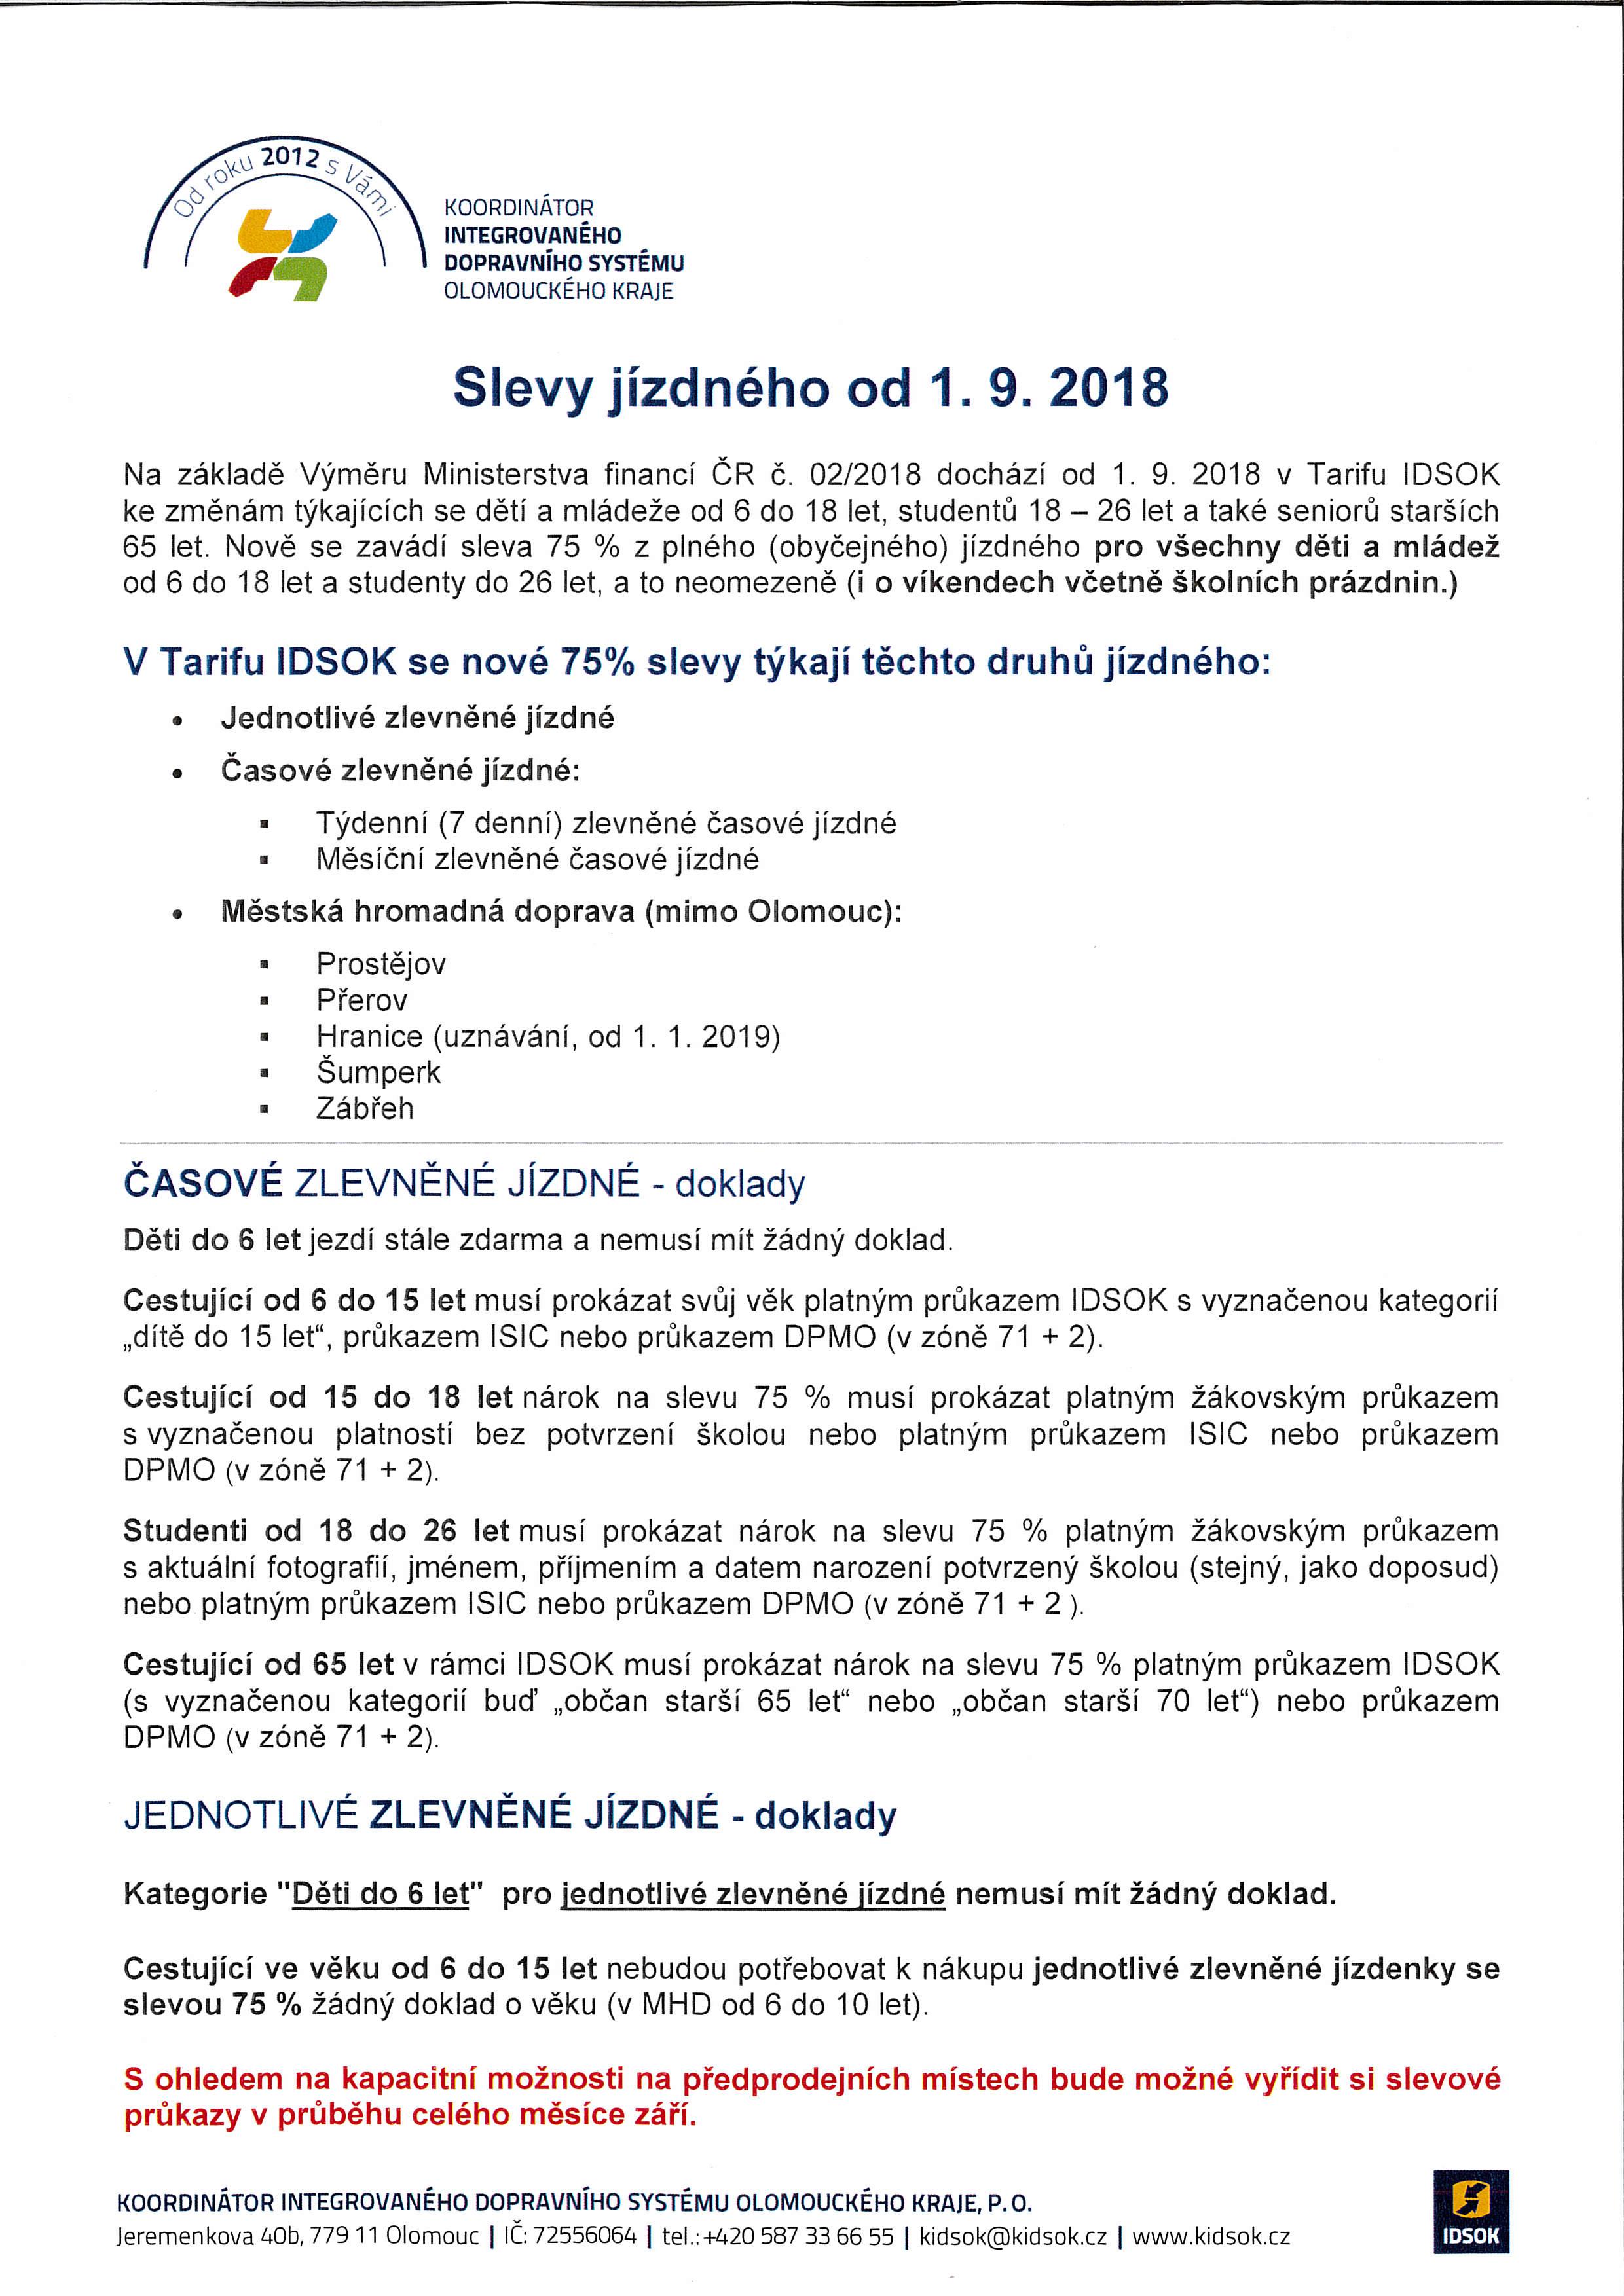 DX-2500N_20180913_124251_001